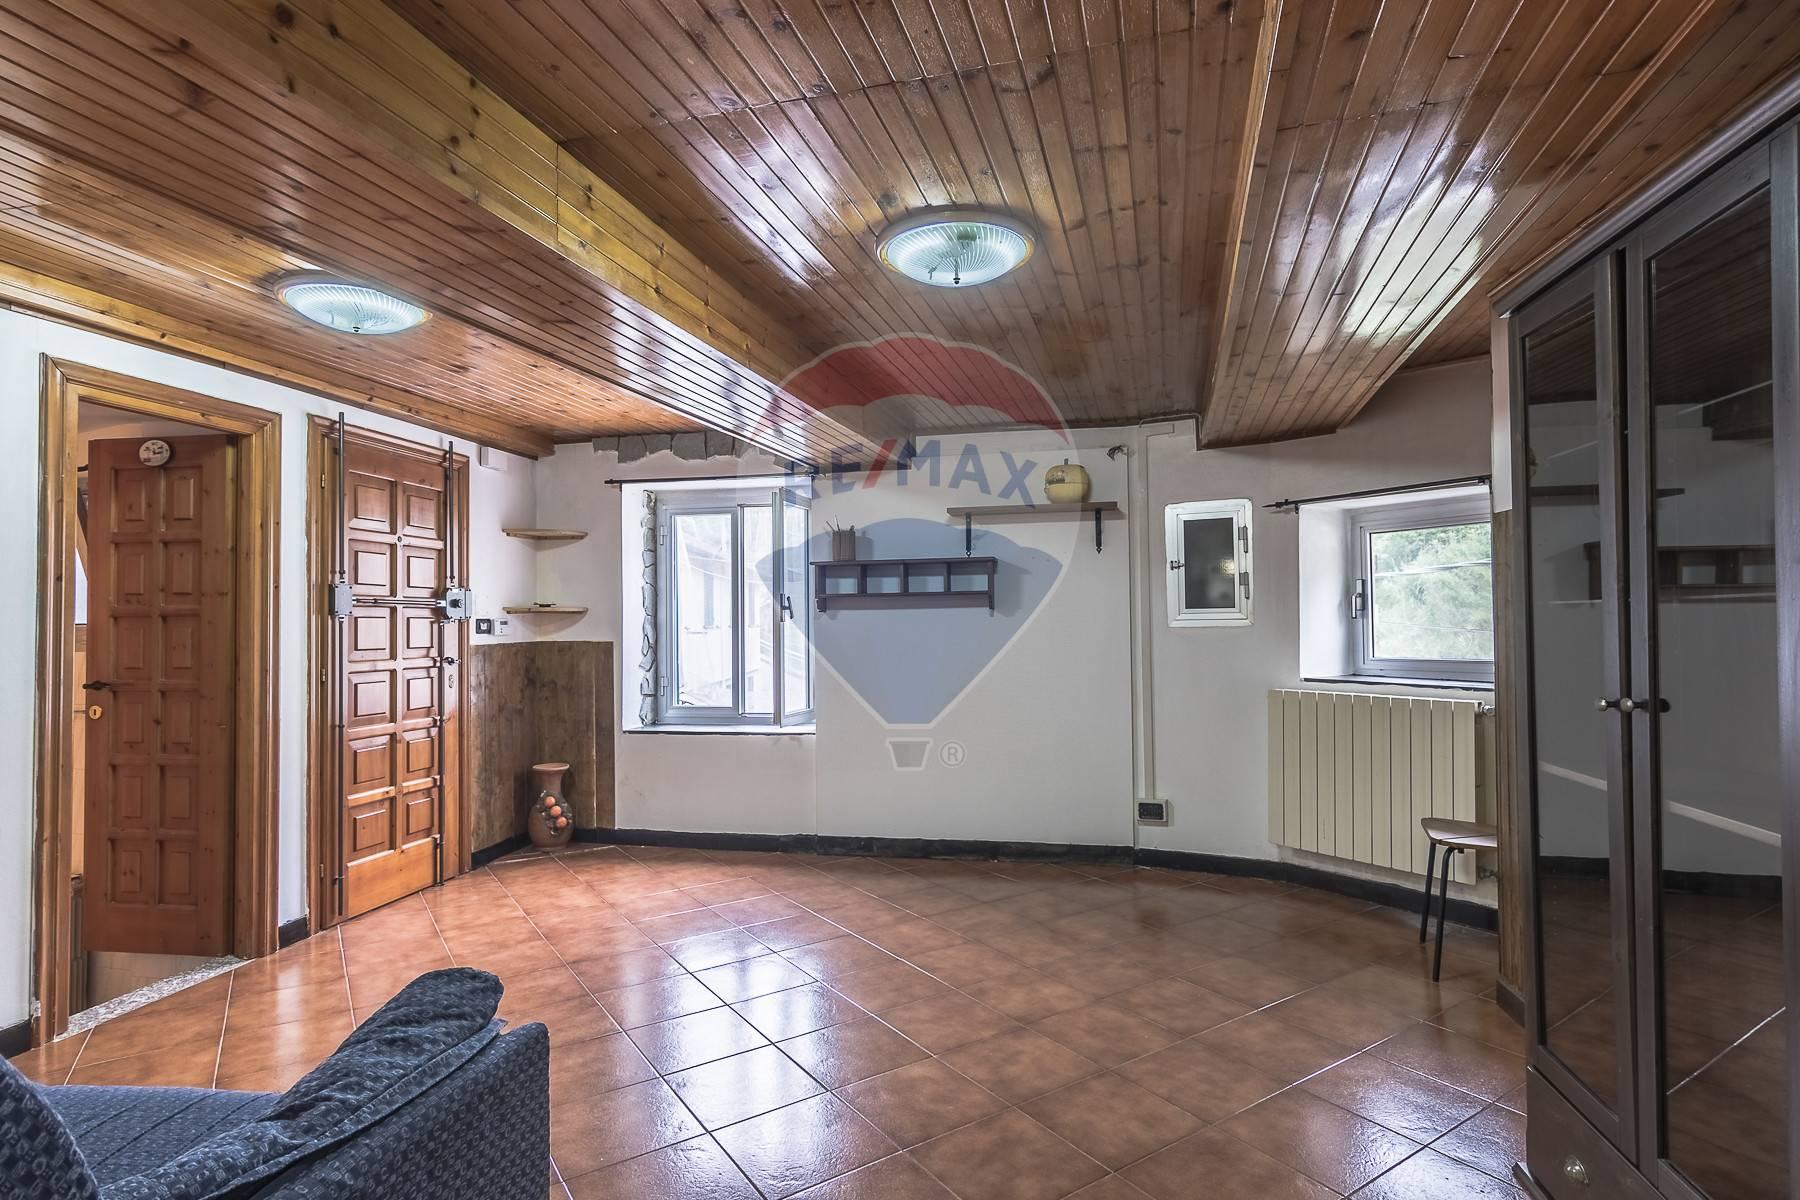 Appartamento in vendita a Ceranesi, 4 locali, prezzo € 55.000 | CambioCasa.it